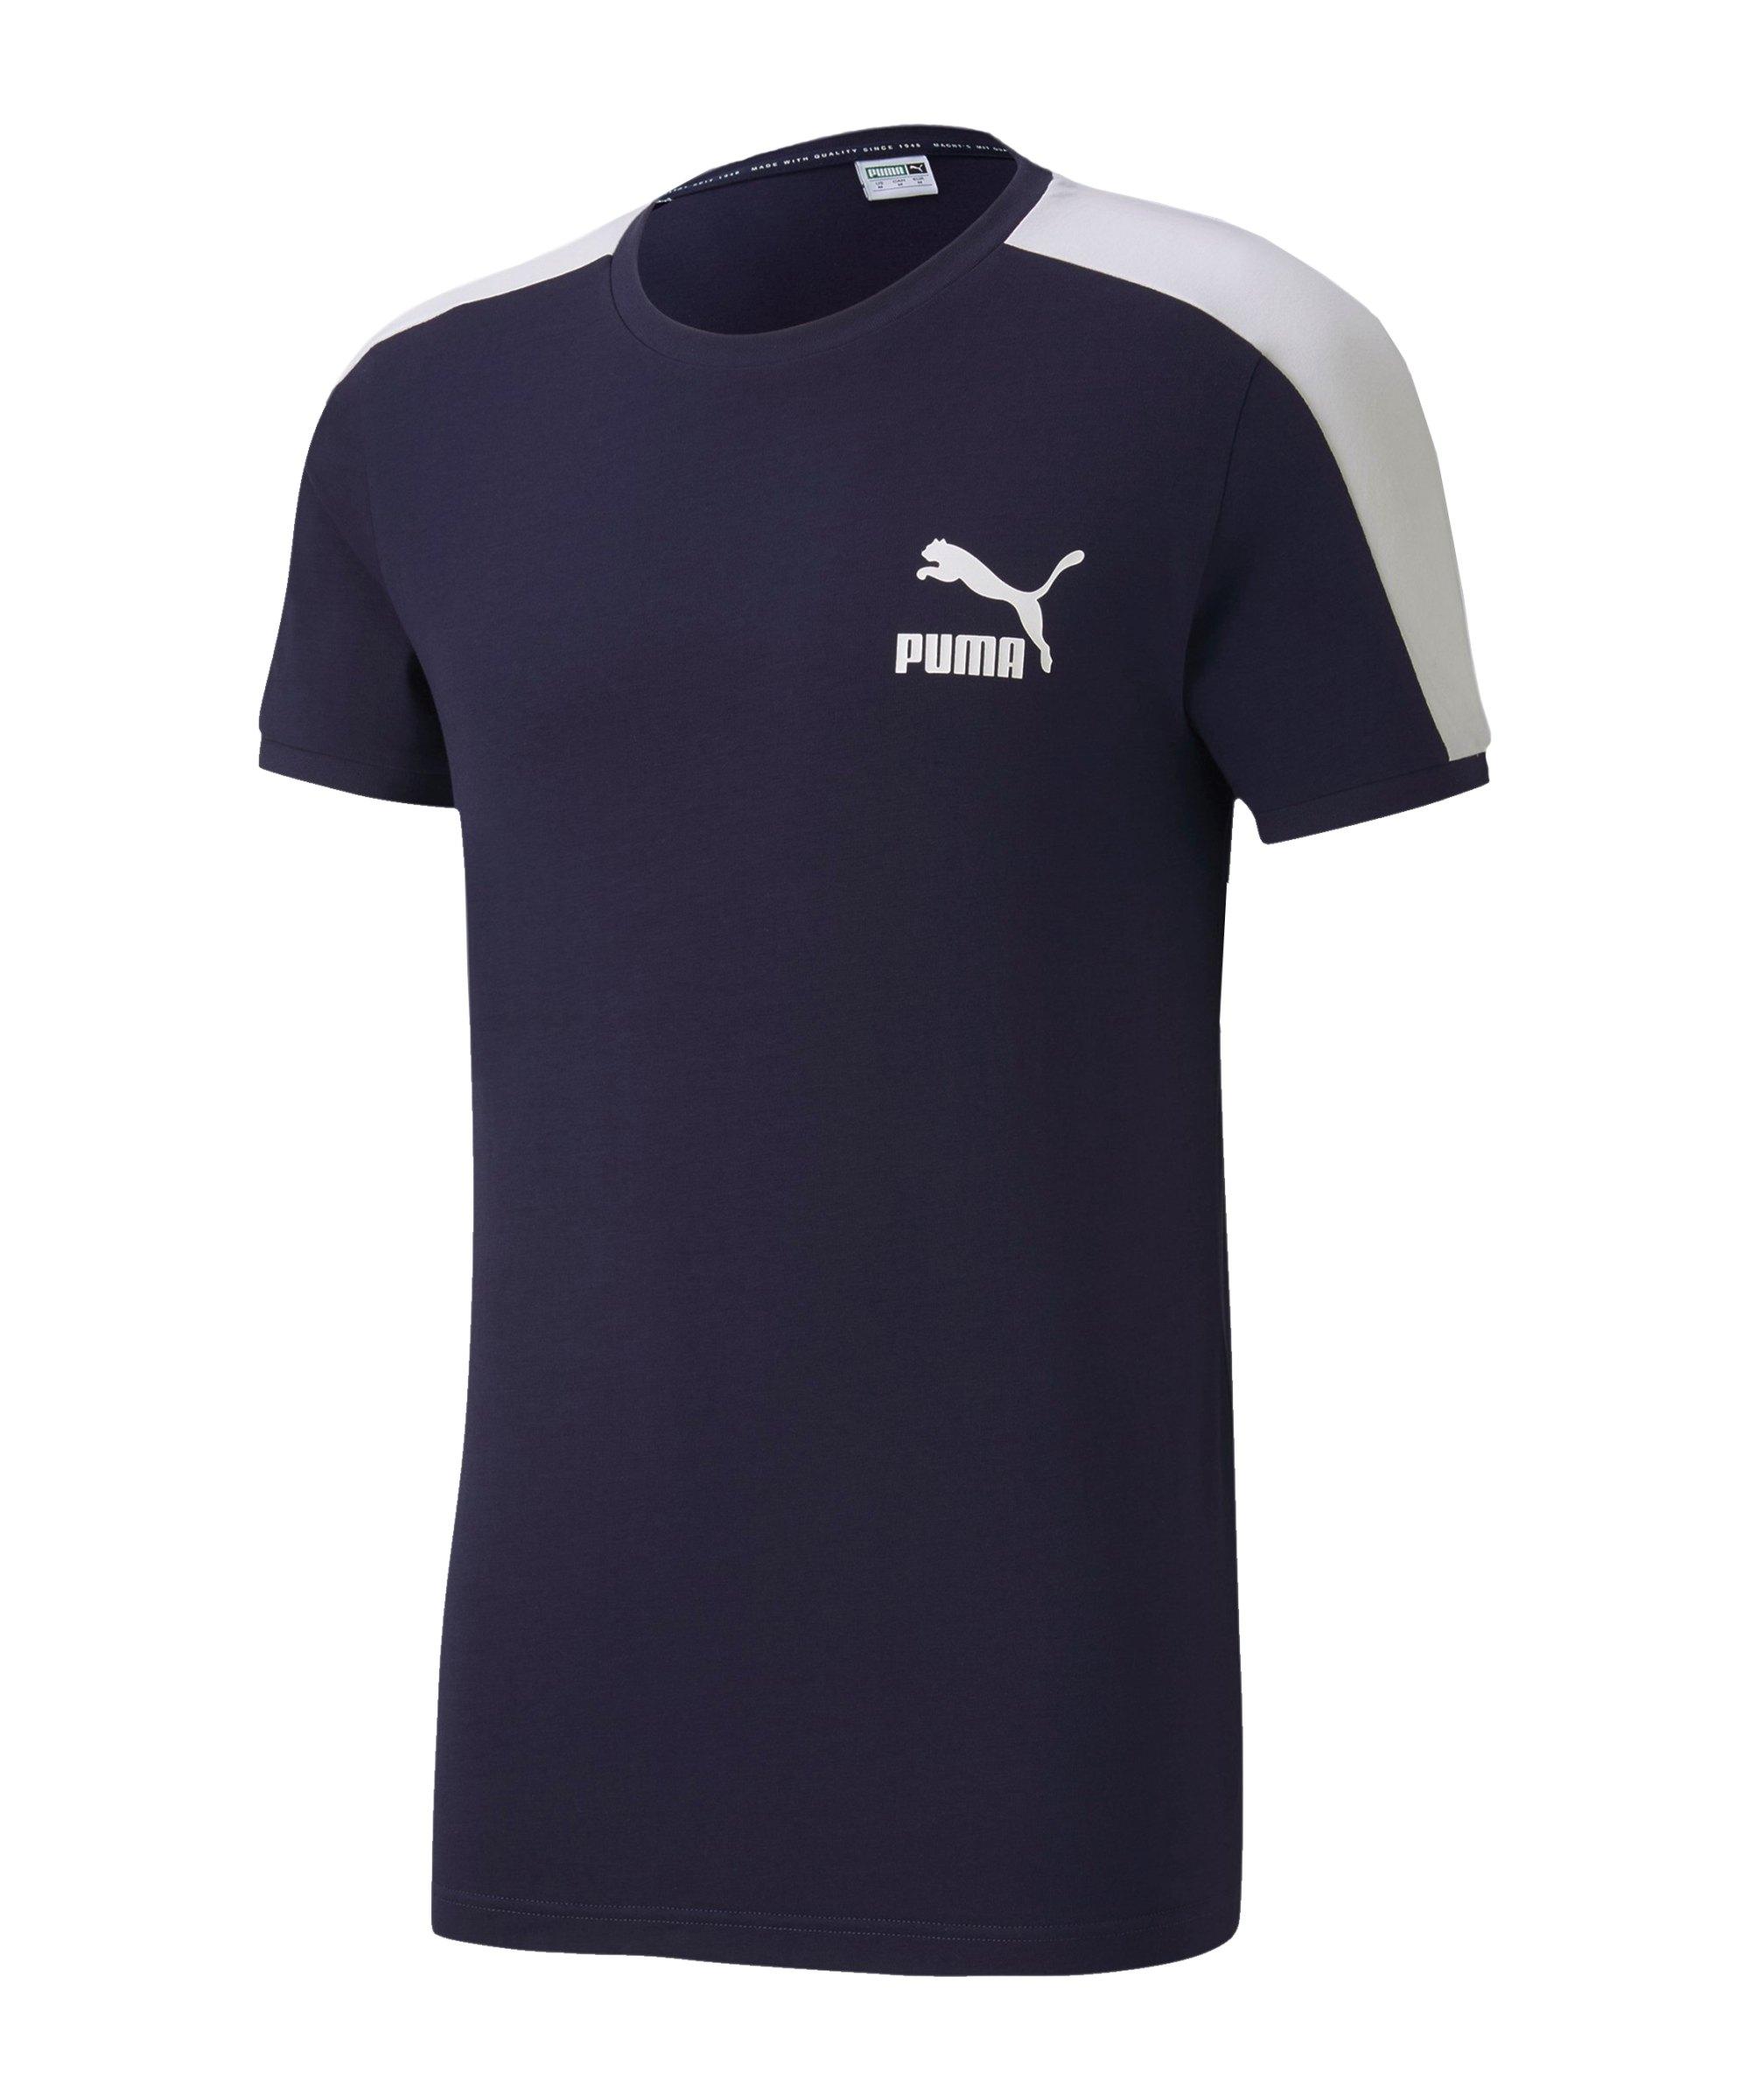 PUMA Iconic T7 Slim Tee T-Shirt Blau F06 - blau